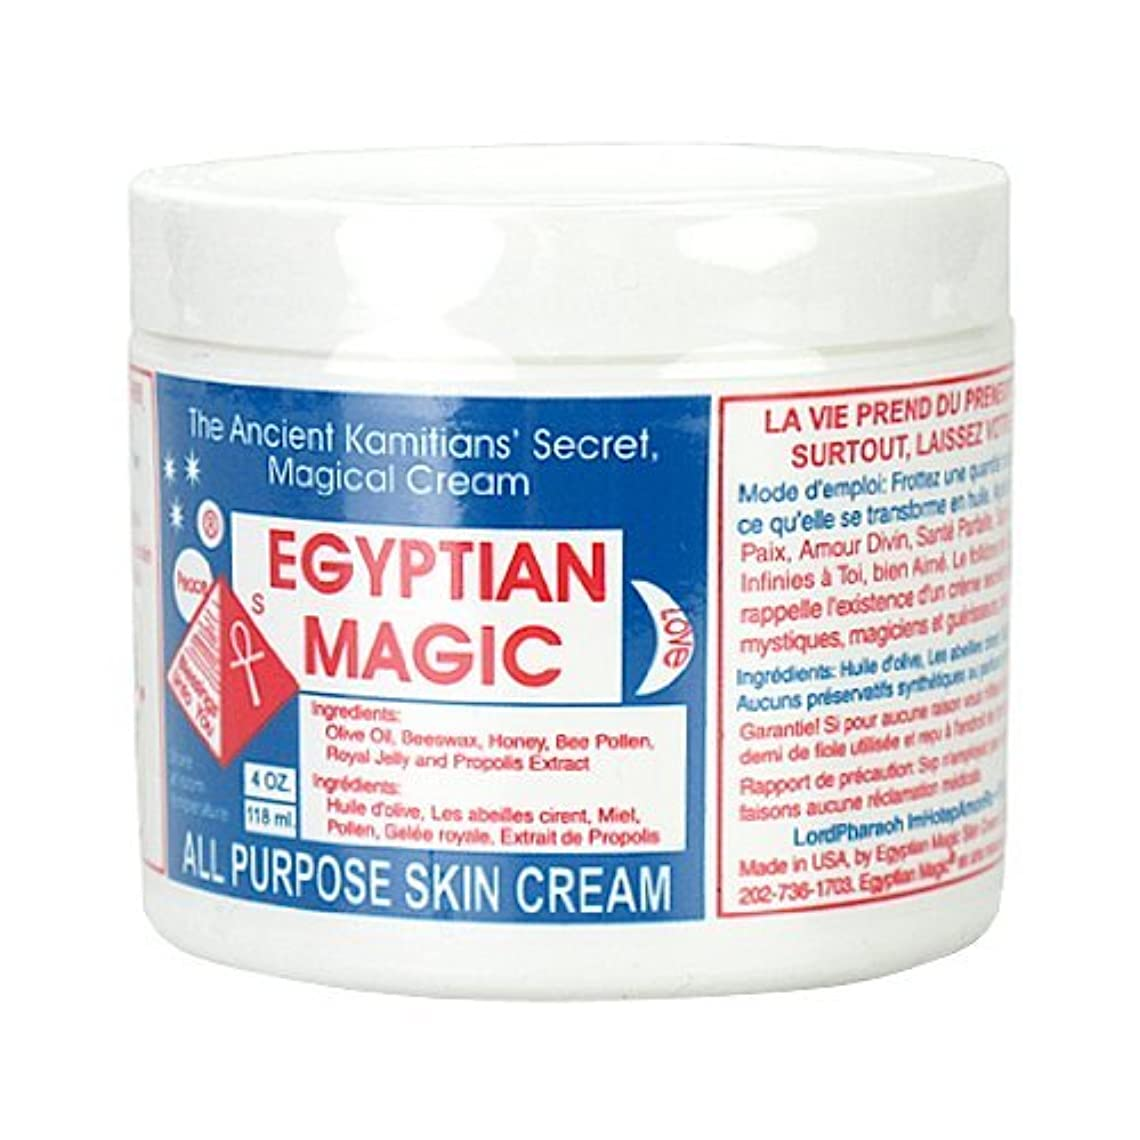 考慮交流するメンダシティエジプシャンマジック EGYPTIAN MAGIC エジプシャン マジック クリーム 118ml 保湿クリーム